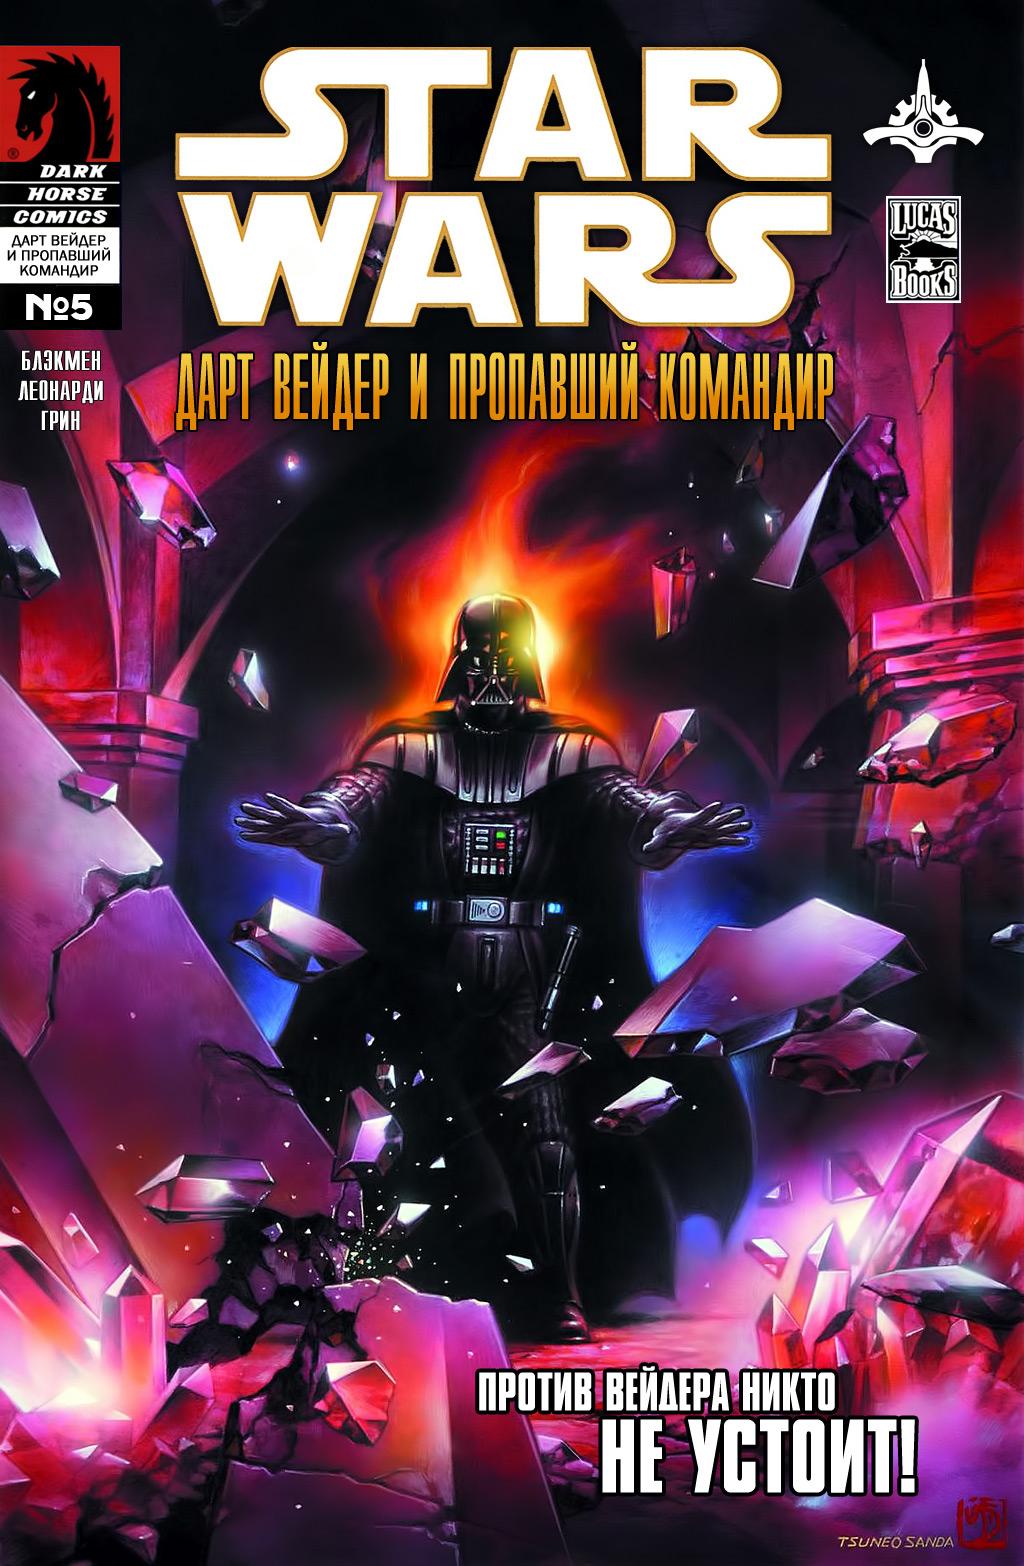 Комикс Звездные Войны: Дарт Вейдер и пропавший командир